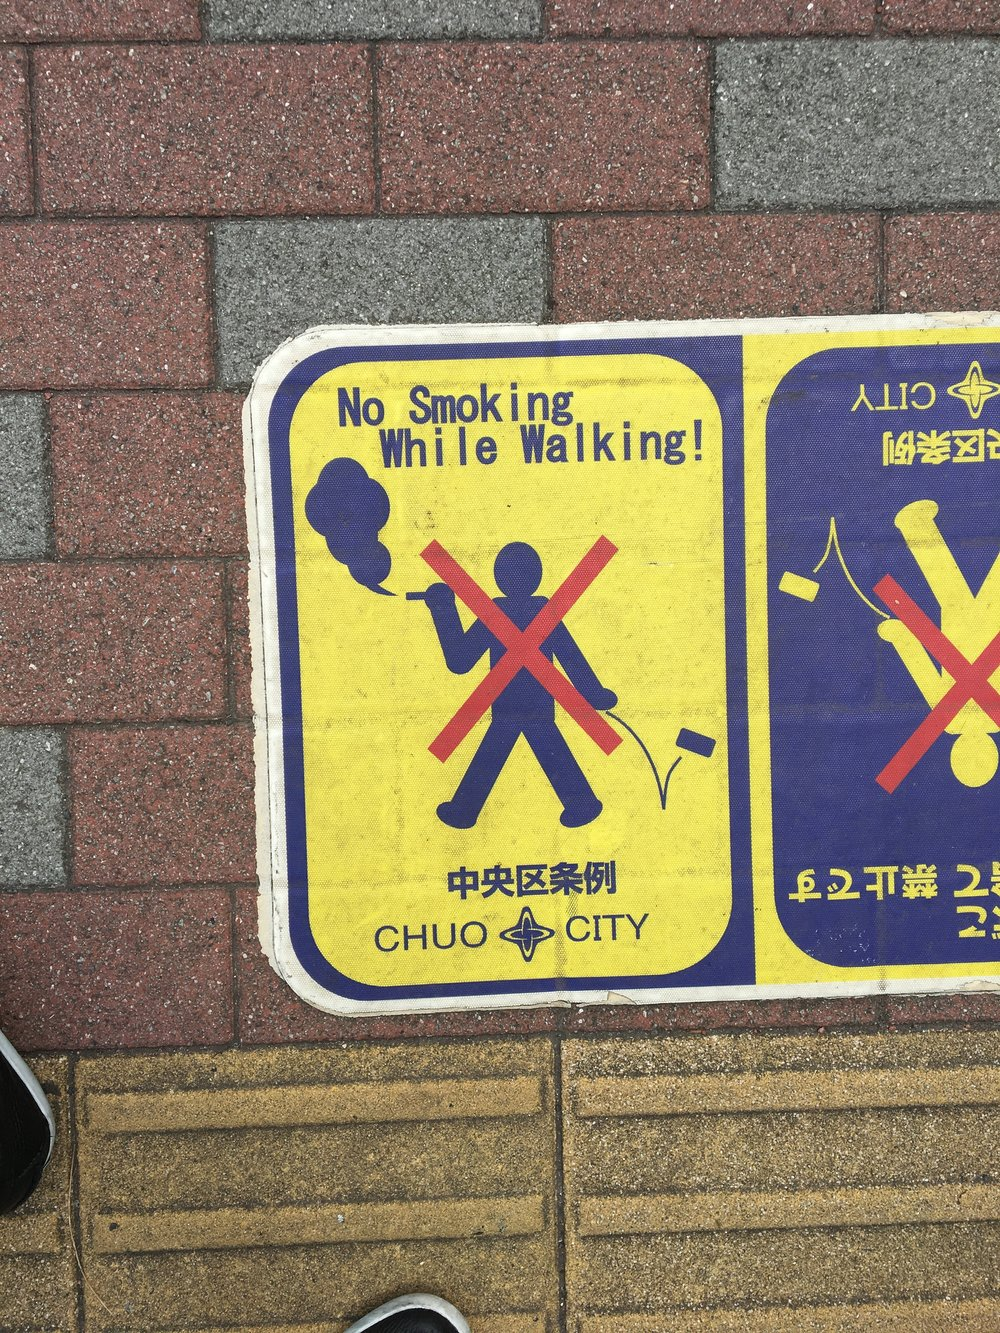 Ground sign in Tokyo